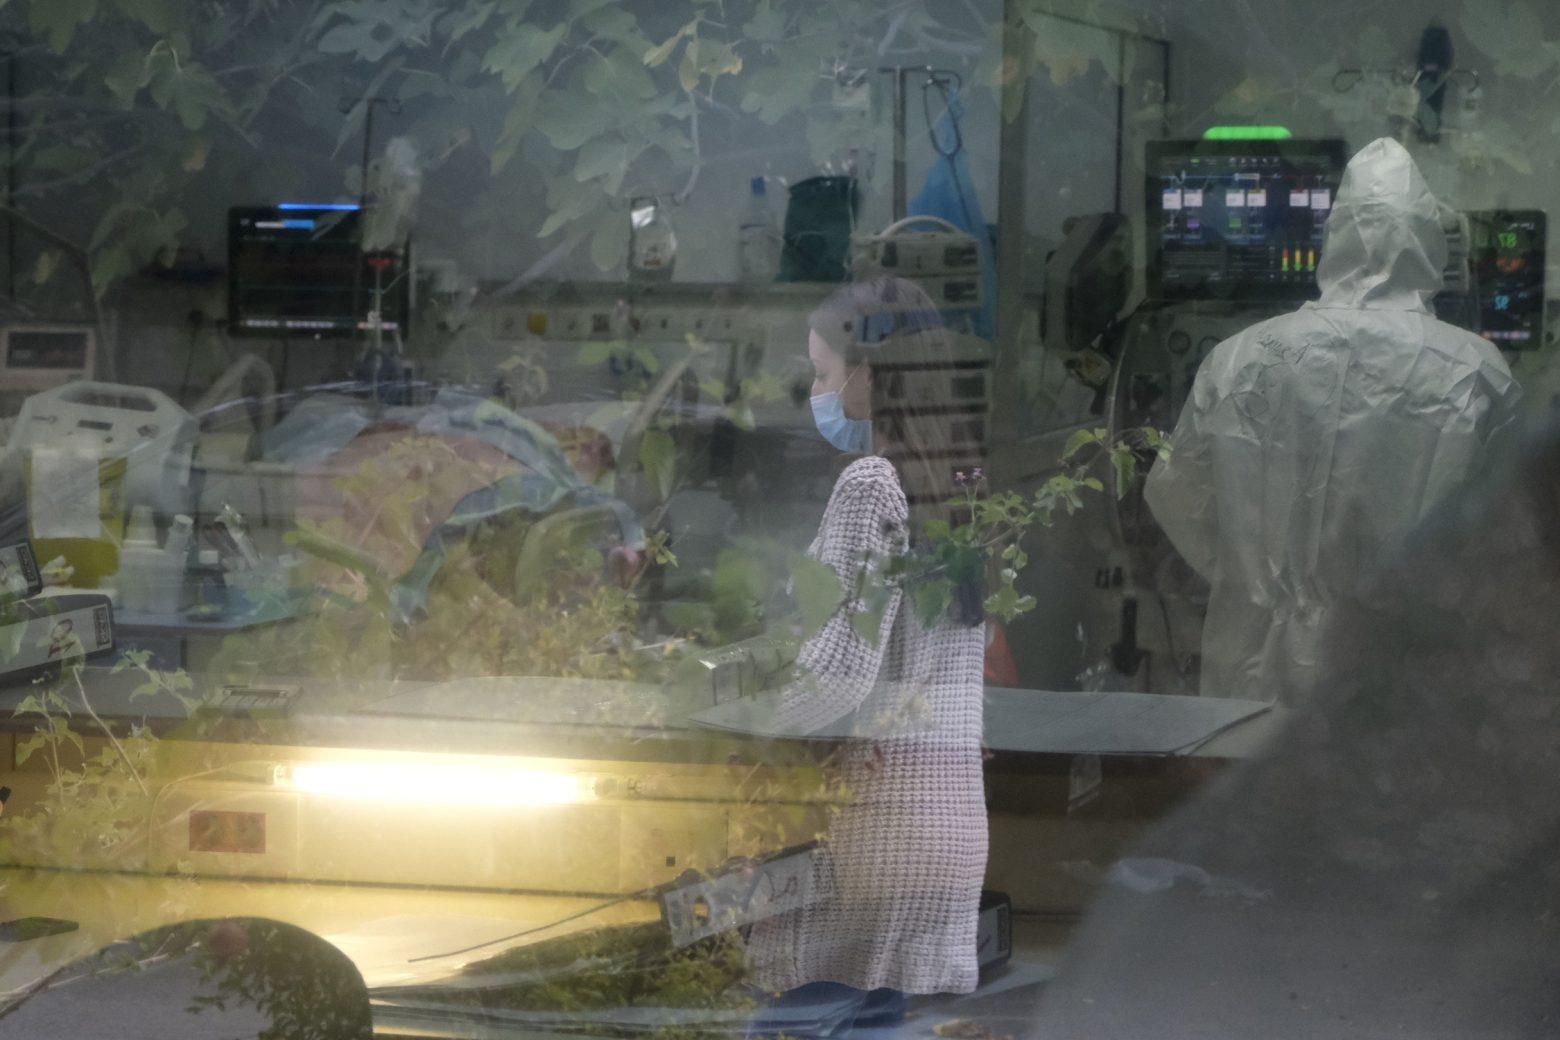 Κοροναϊός – Η κλεψύδρα γύρισε – Προθεσμία λίγων εβδομάδων για να αποφύγουμε το έμφραγμα στις ΜΕΘ κ - in.gr